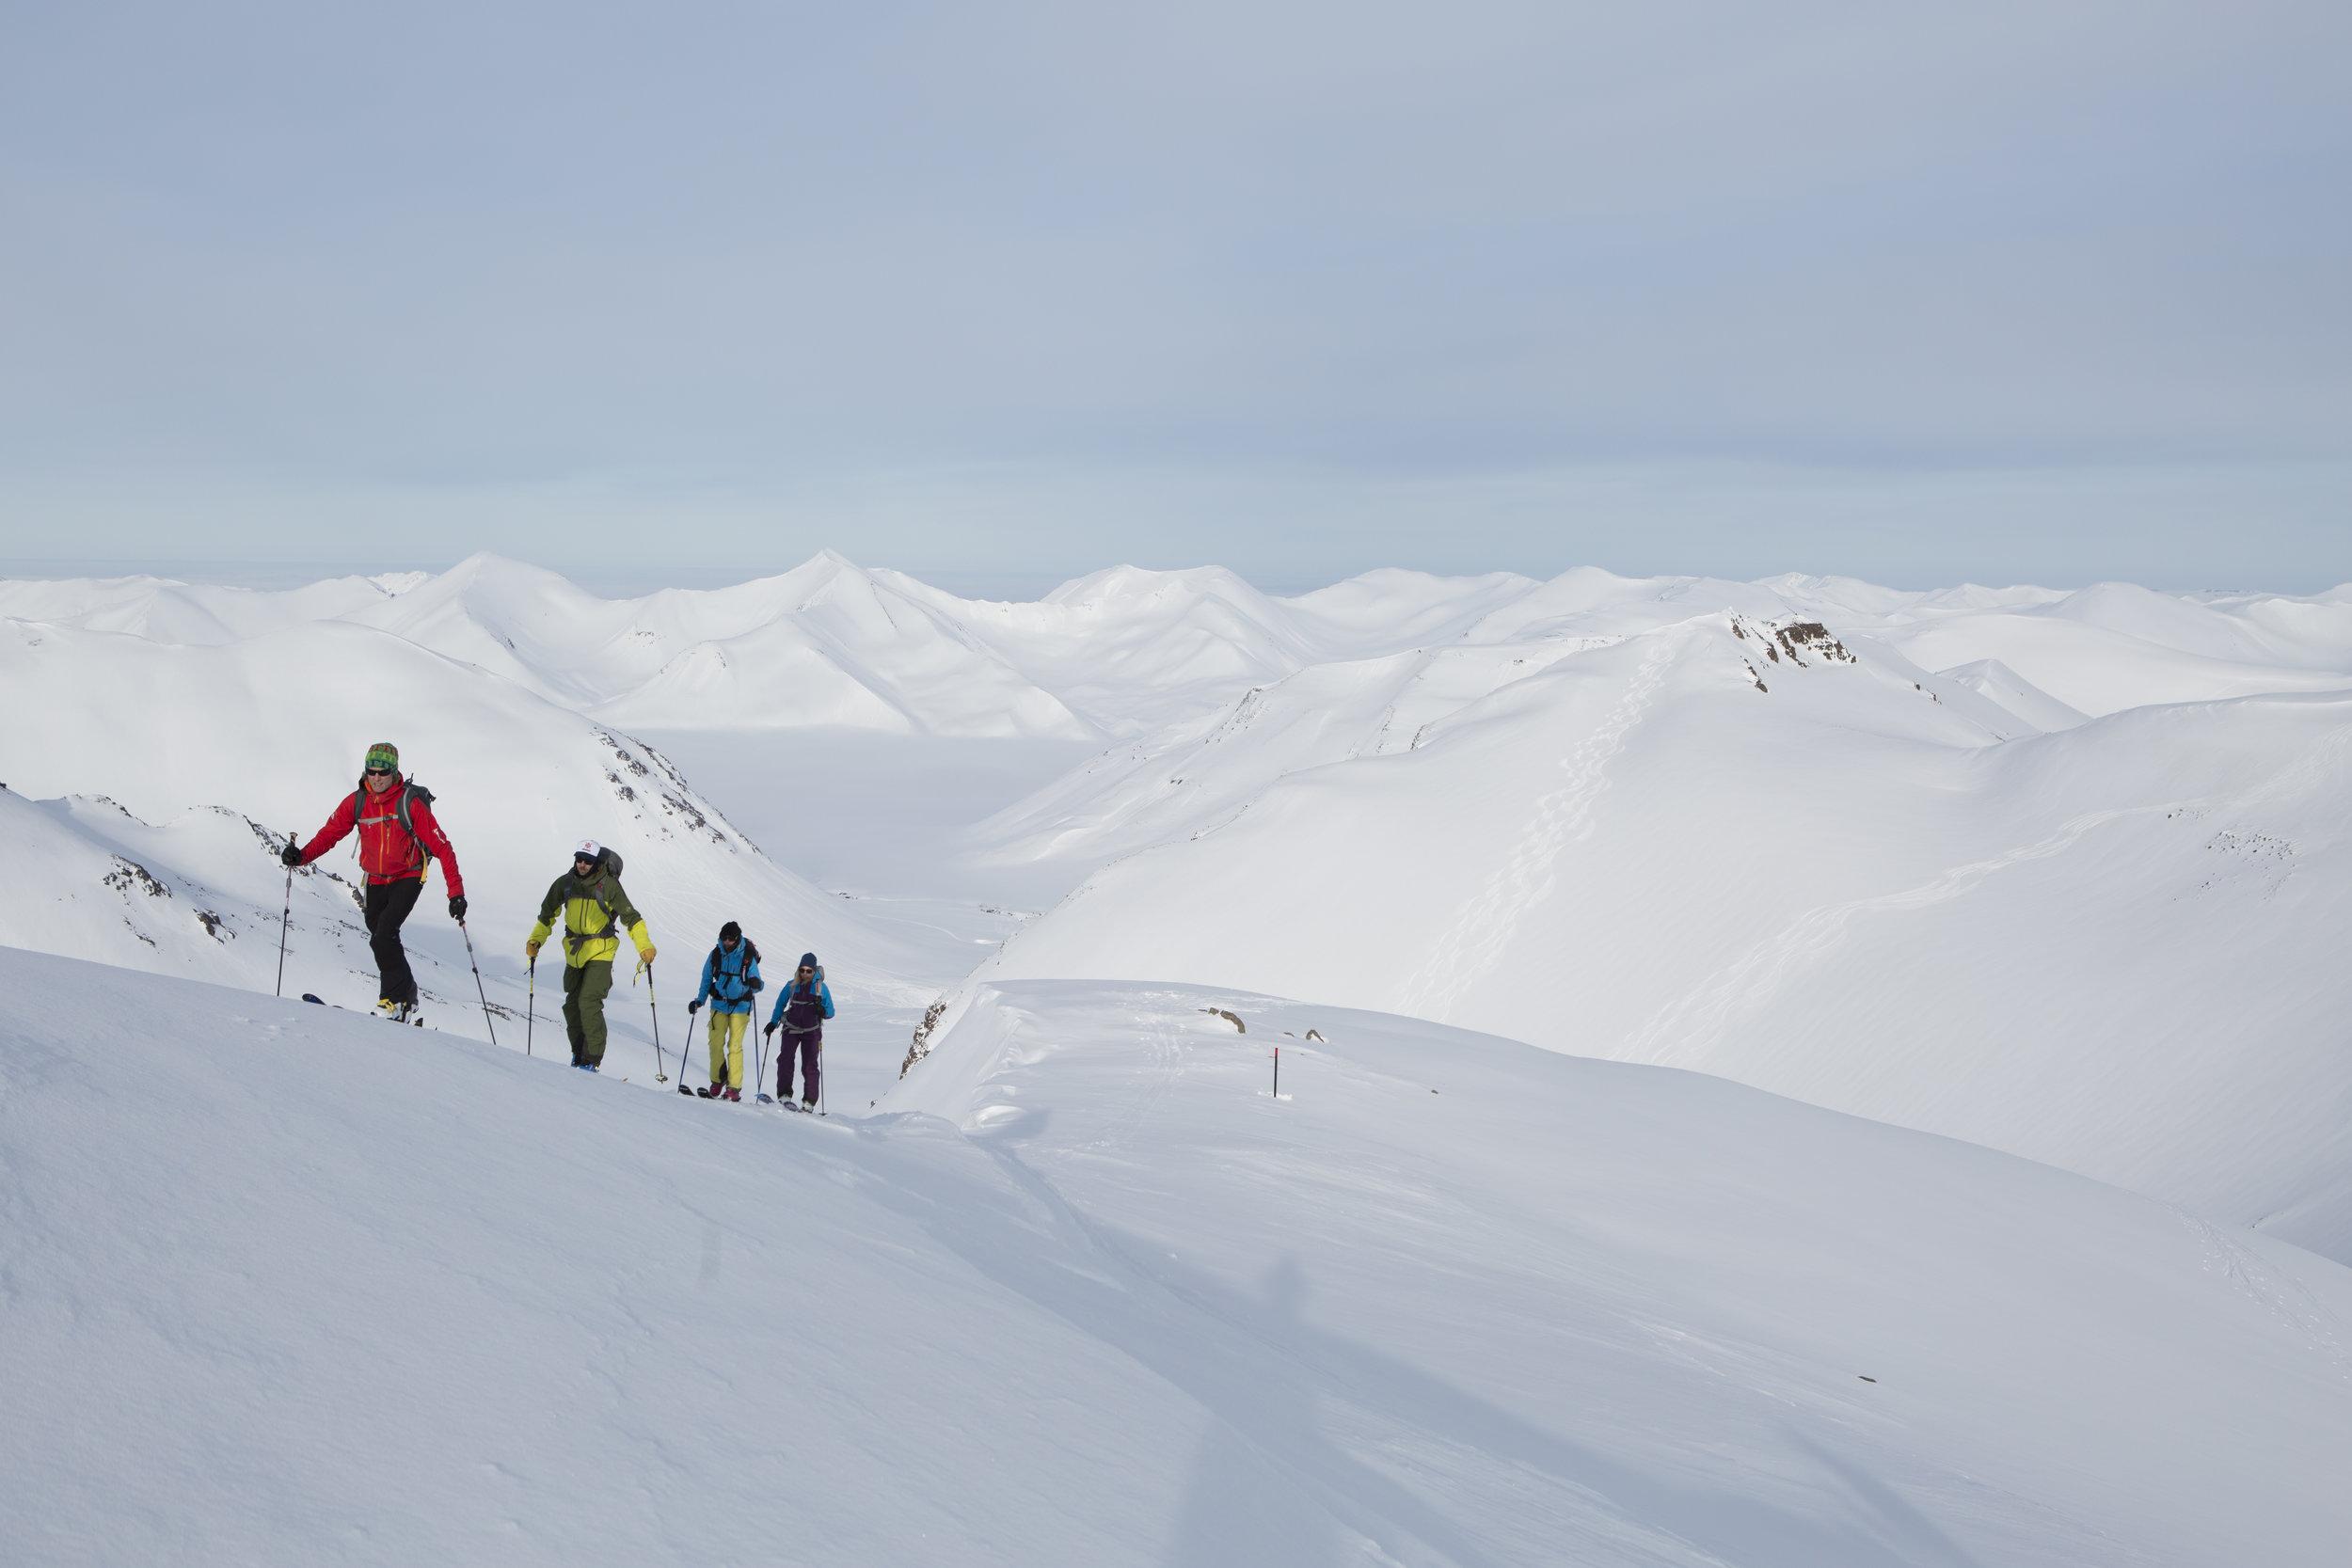 ski-touring-troll-peninsula-iceland-2-©gregvandoersten.jpg